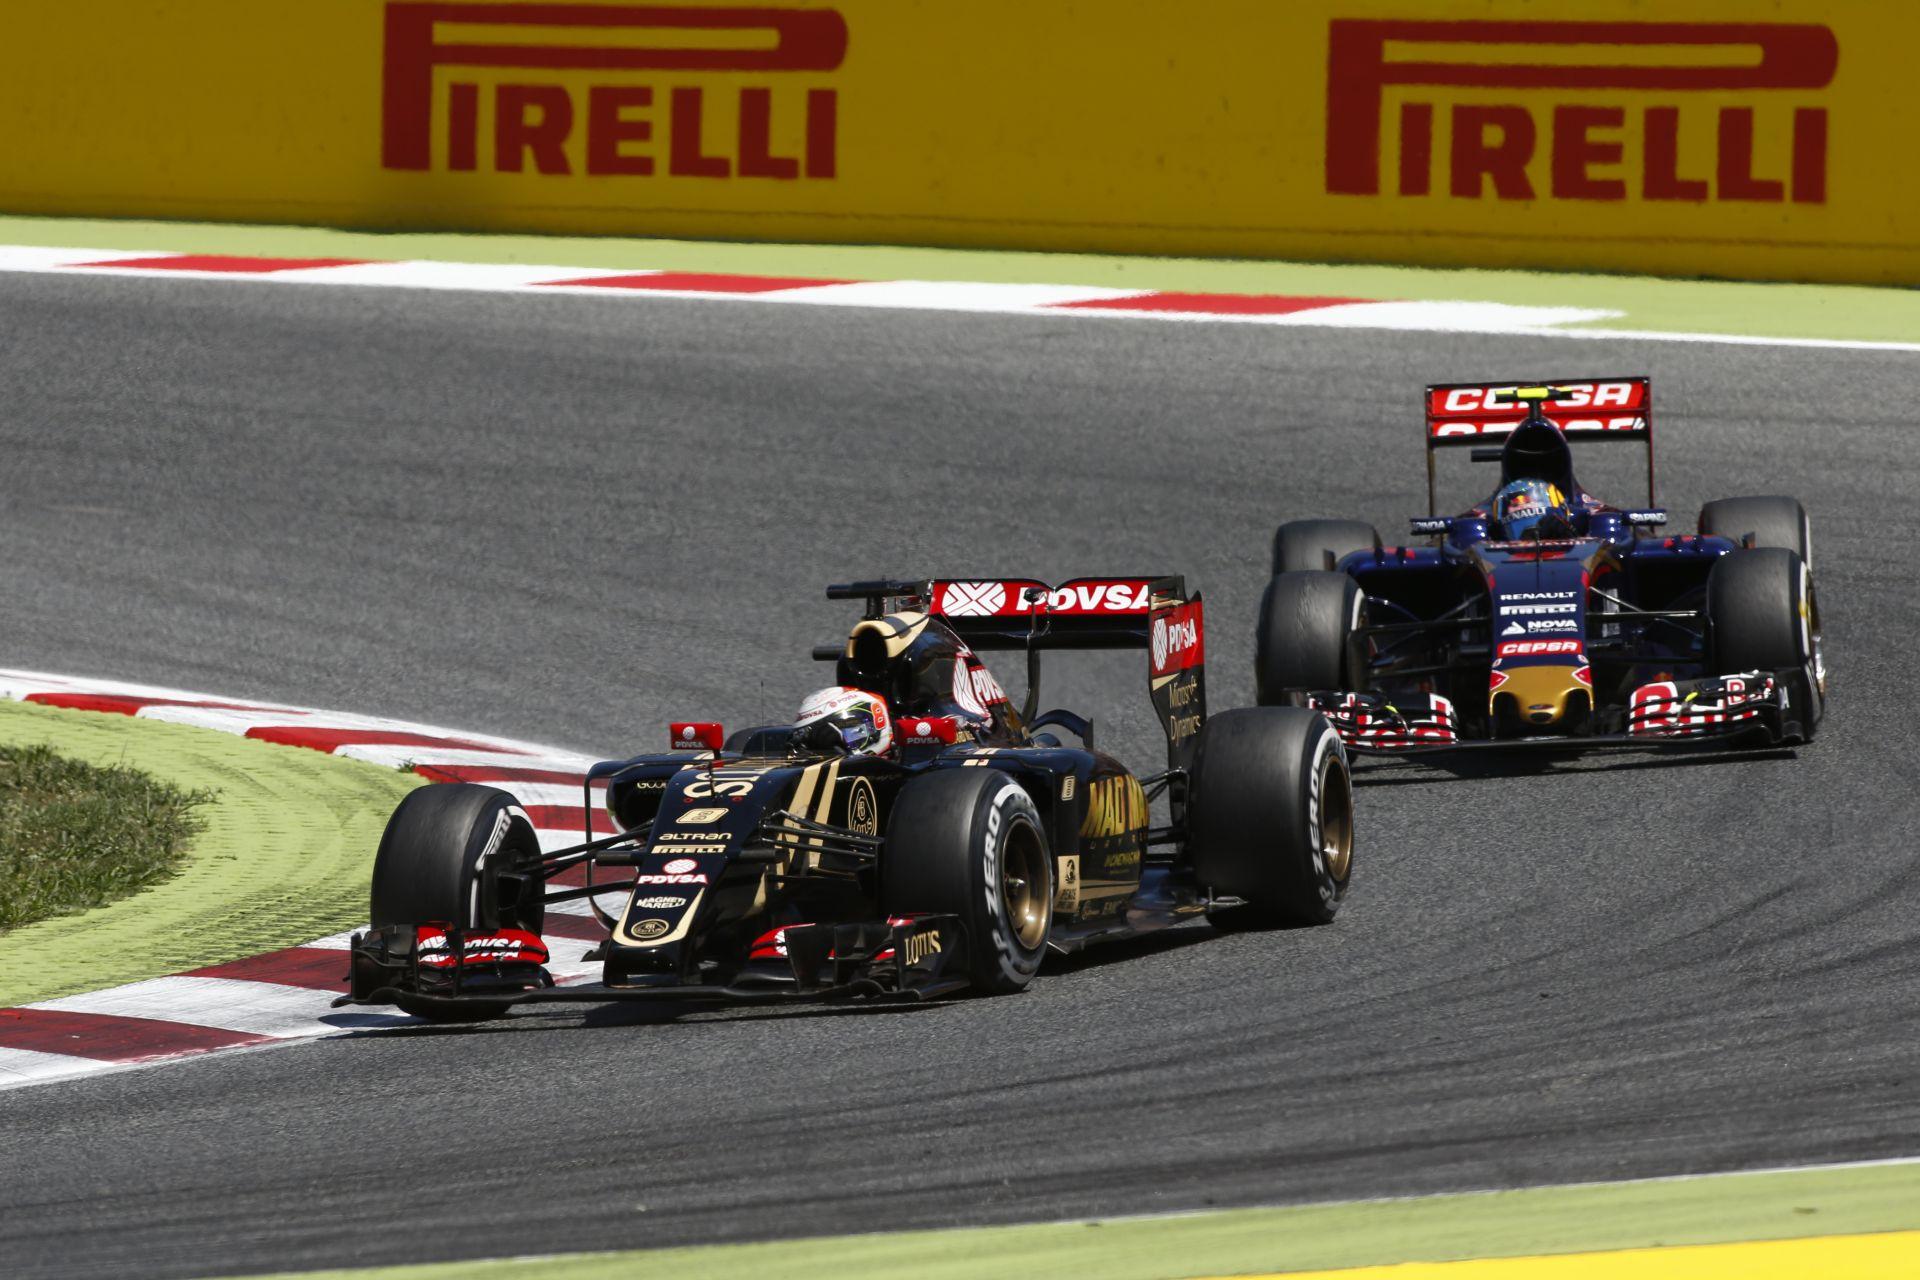 Alakul a gyári Renault csapat?! A szakemberek már gyűlnek a Lotusnál...